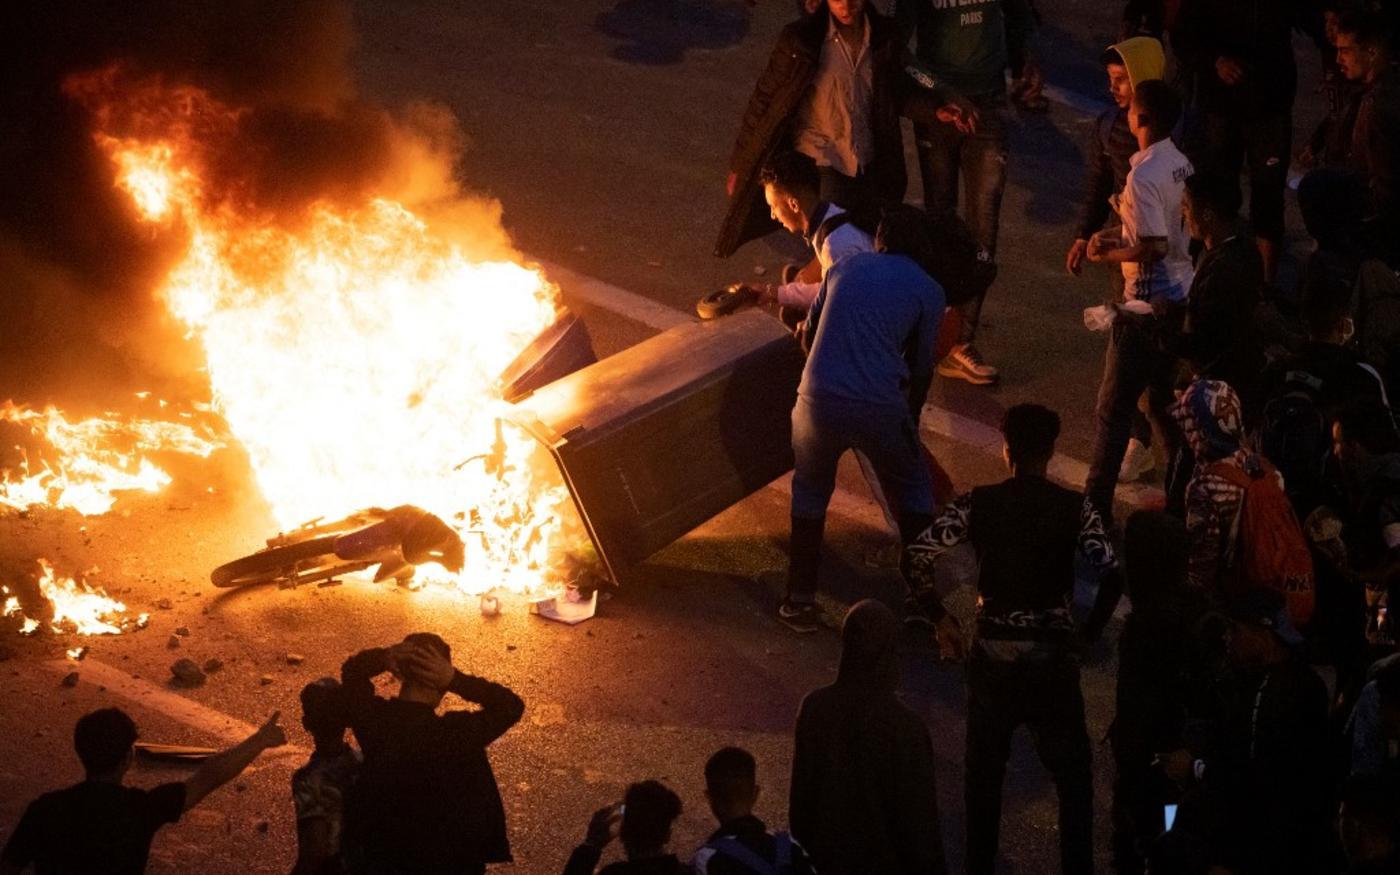 Des jeunes incendient une moto et une poubelle lors d'affrontements avec la police marocaine pour protester contre l'interdiction de franchir la frontière, à Fnideq, le 19 mai 2021 (Fadel Senna/AFP)